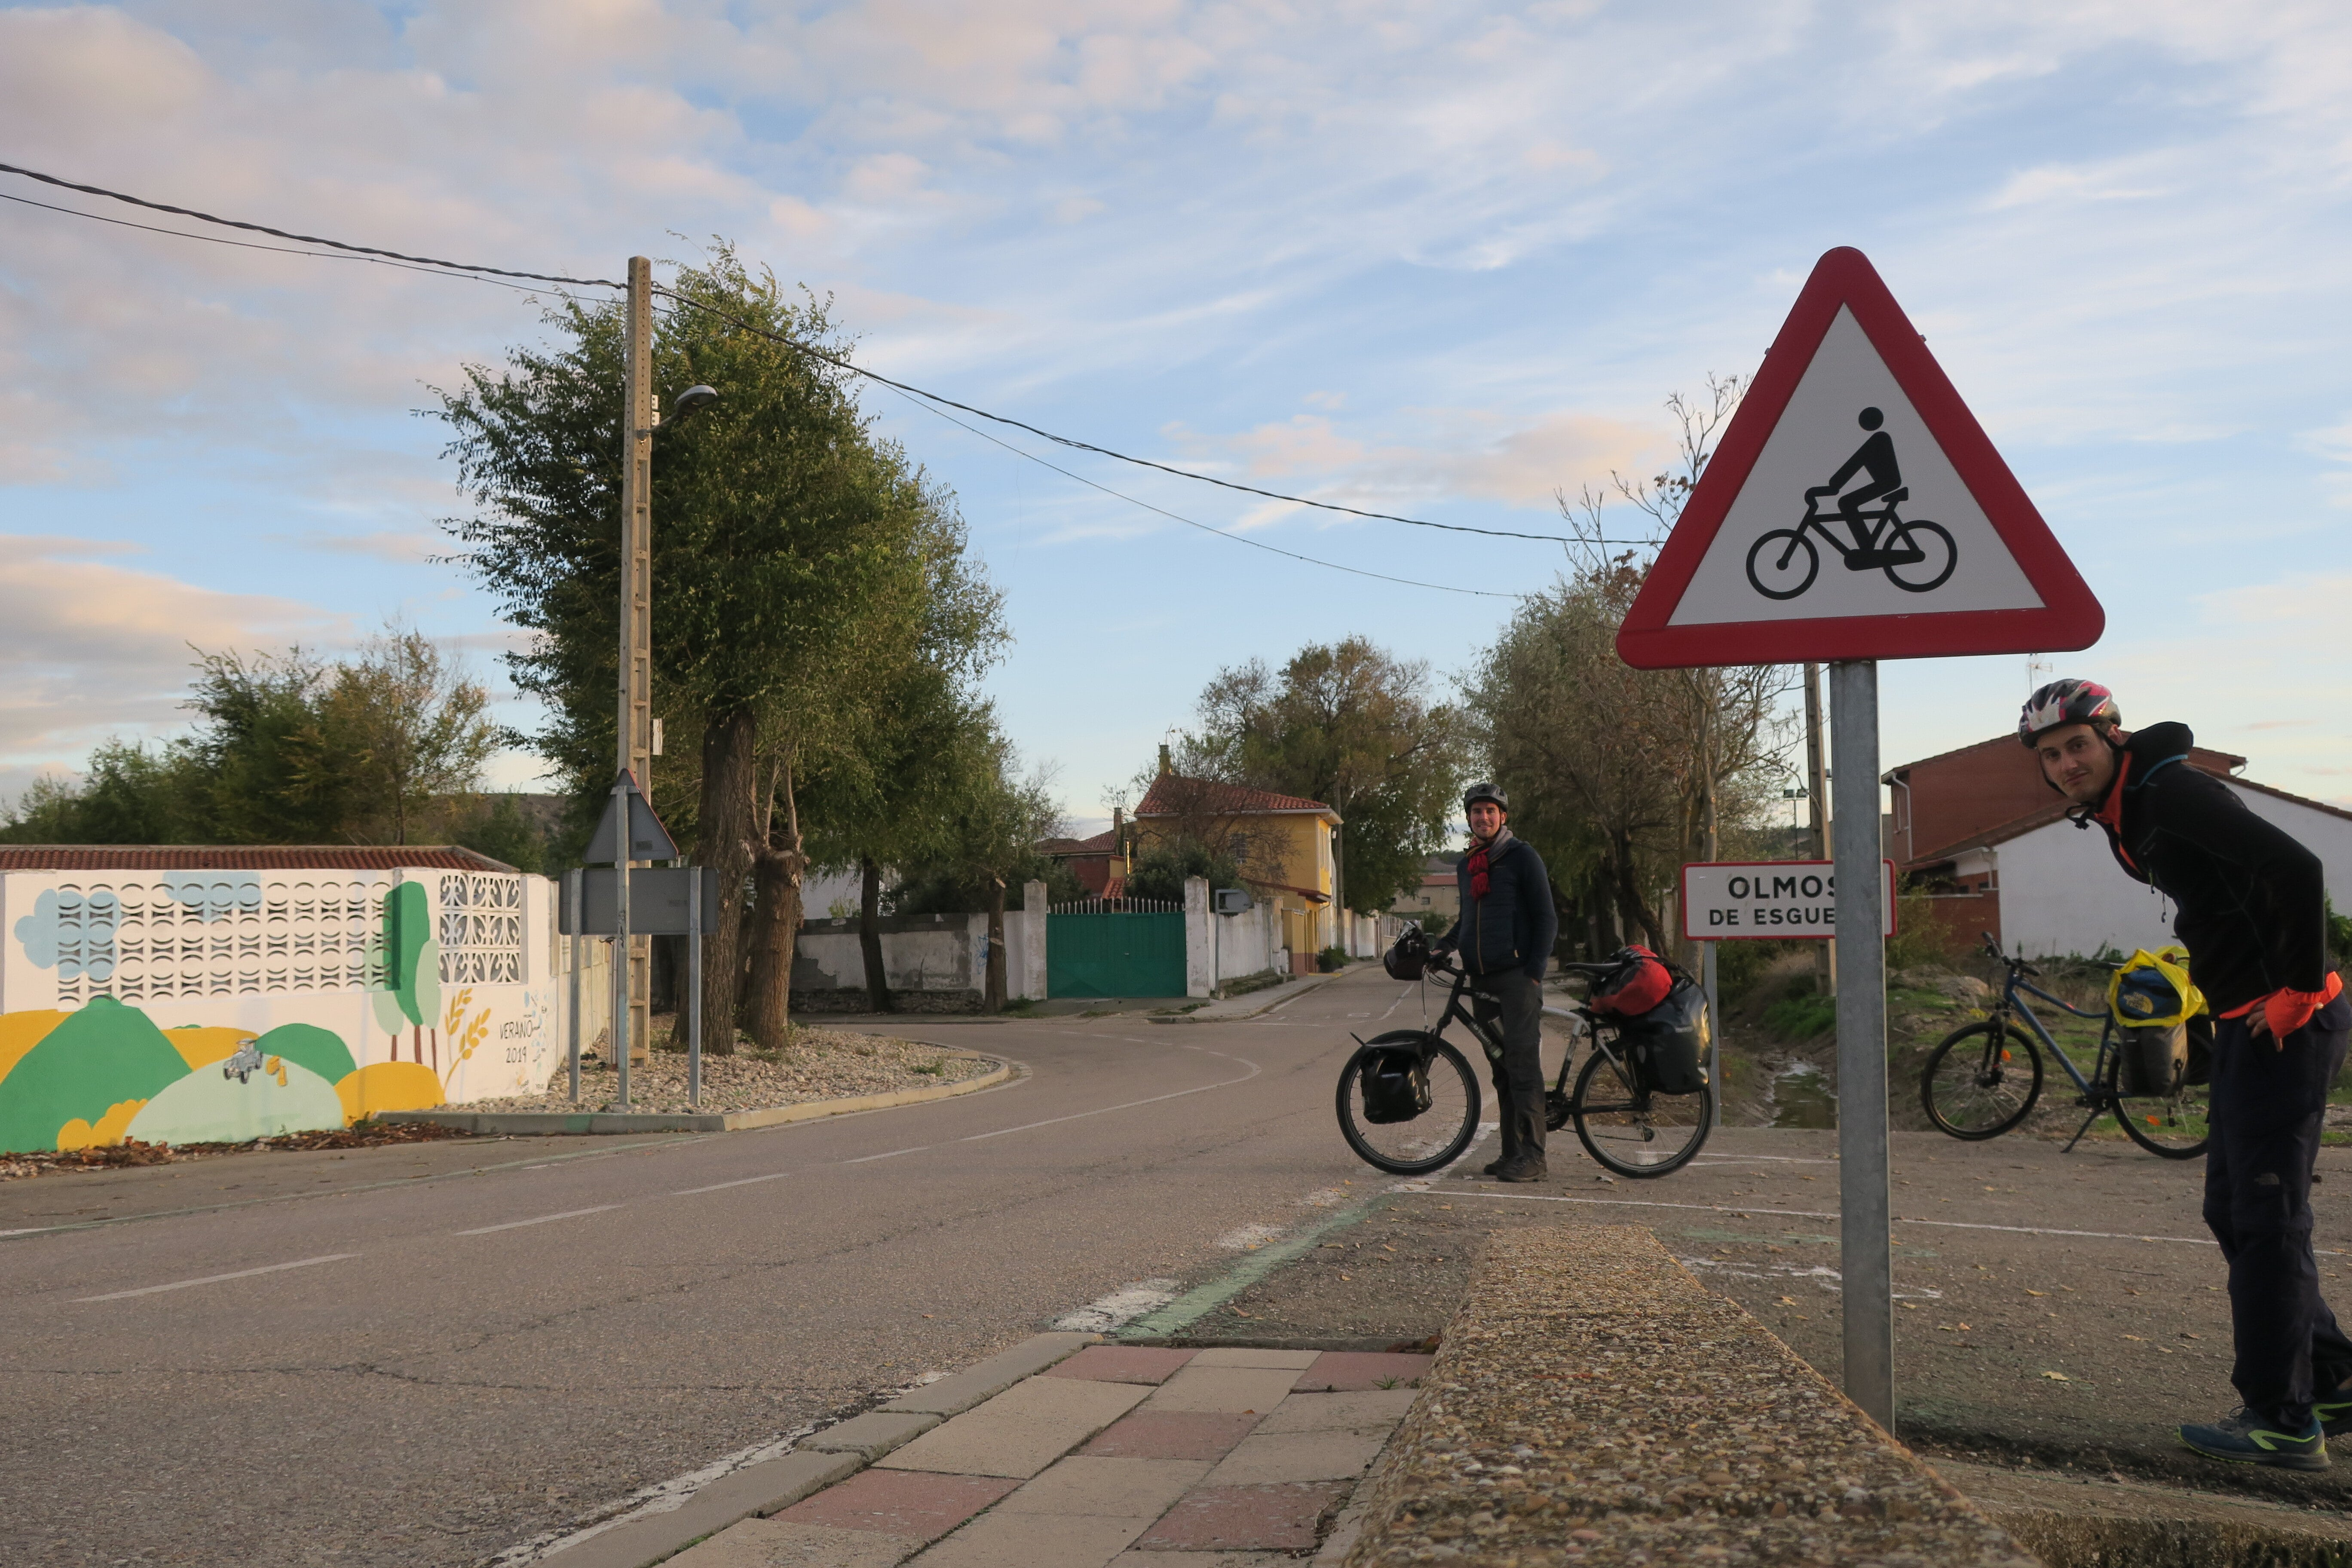 village de Olmos de Esgueva en Espagne